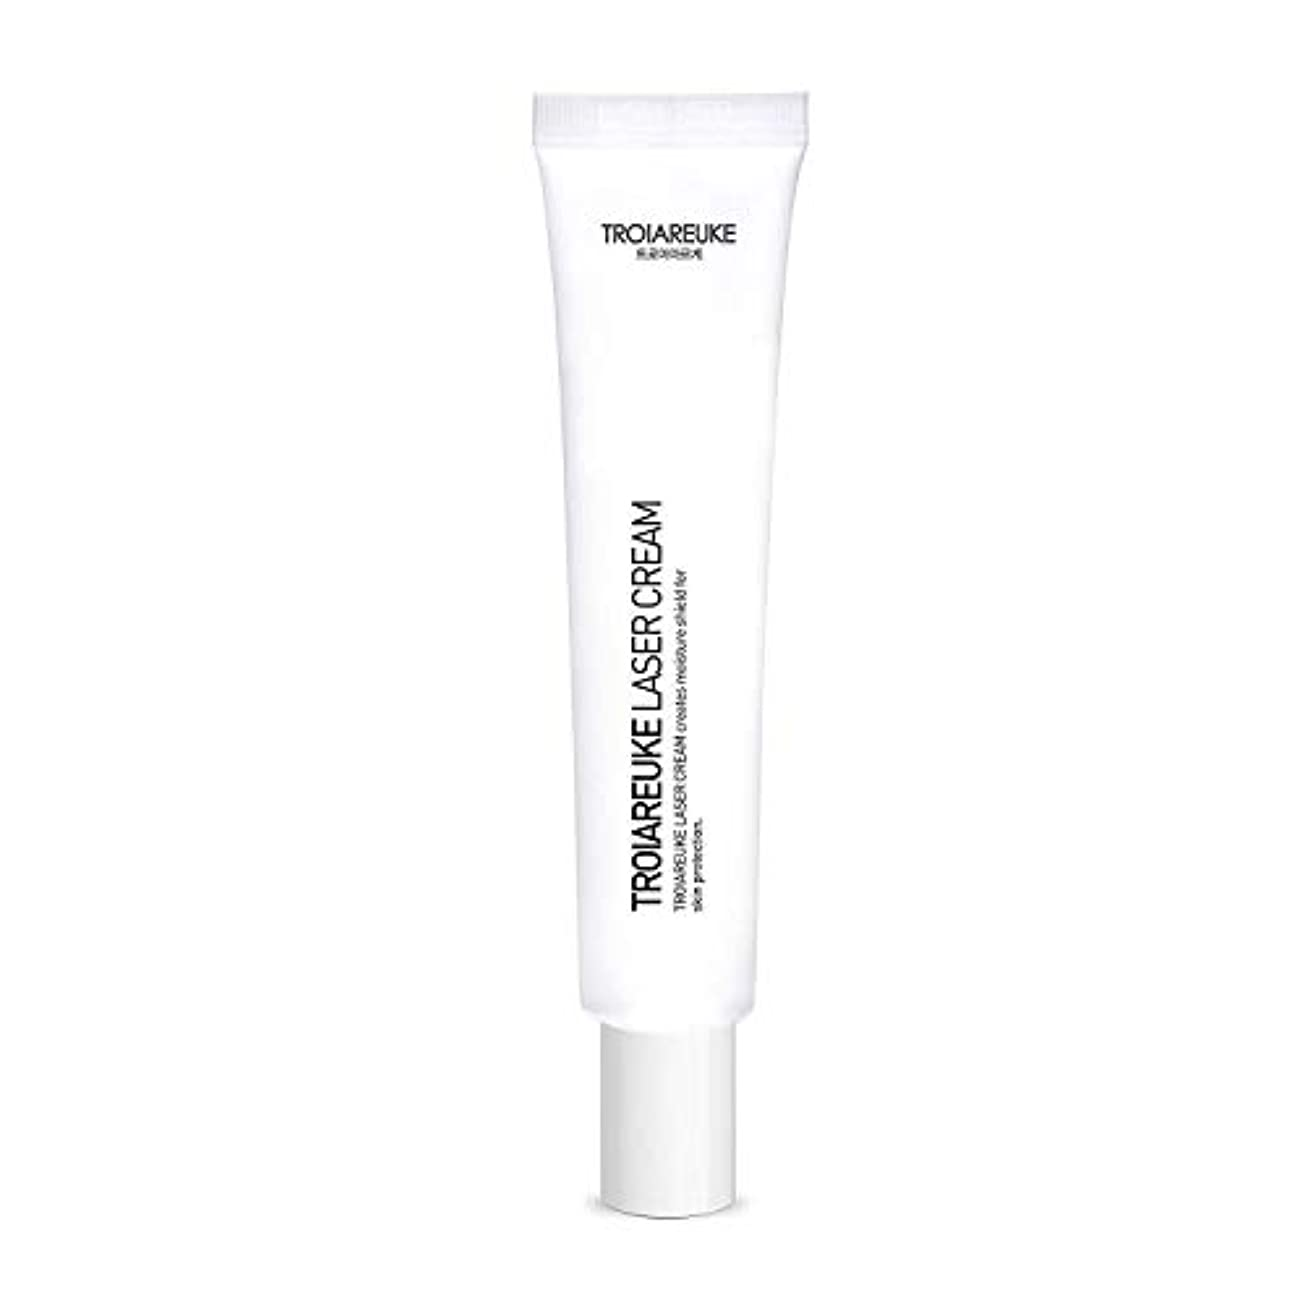 市長フリッパー強調するTroiareuke(トロイアルケ) レーザー クリーム/Laser Cream (25ml) [並行輸入品]